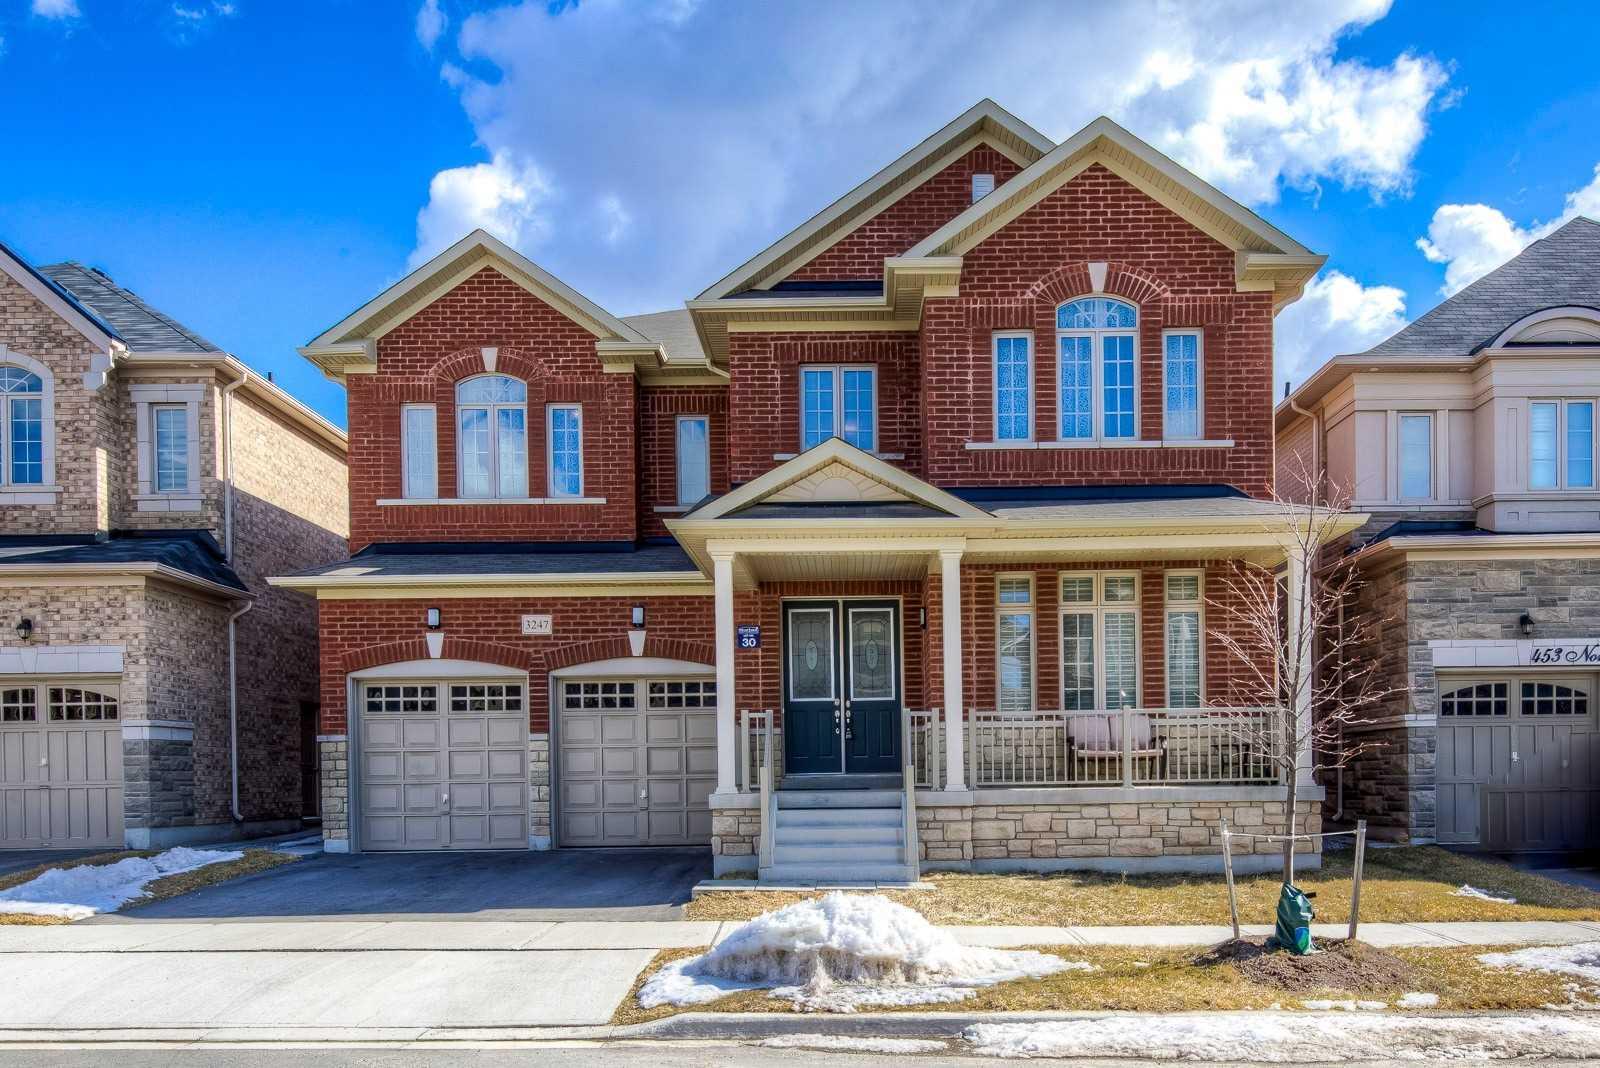 3247 Charles Biggar Drive, Oakville - For Sale $1,599,600